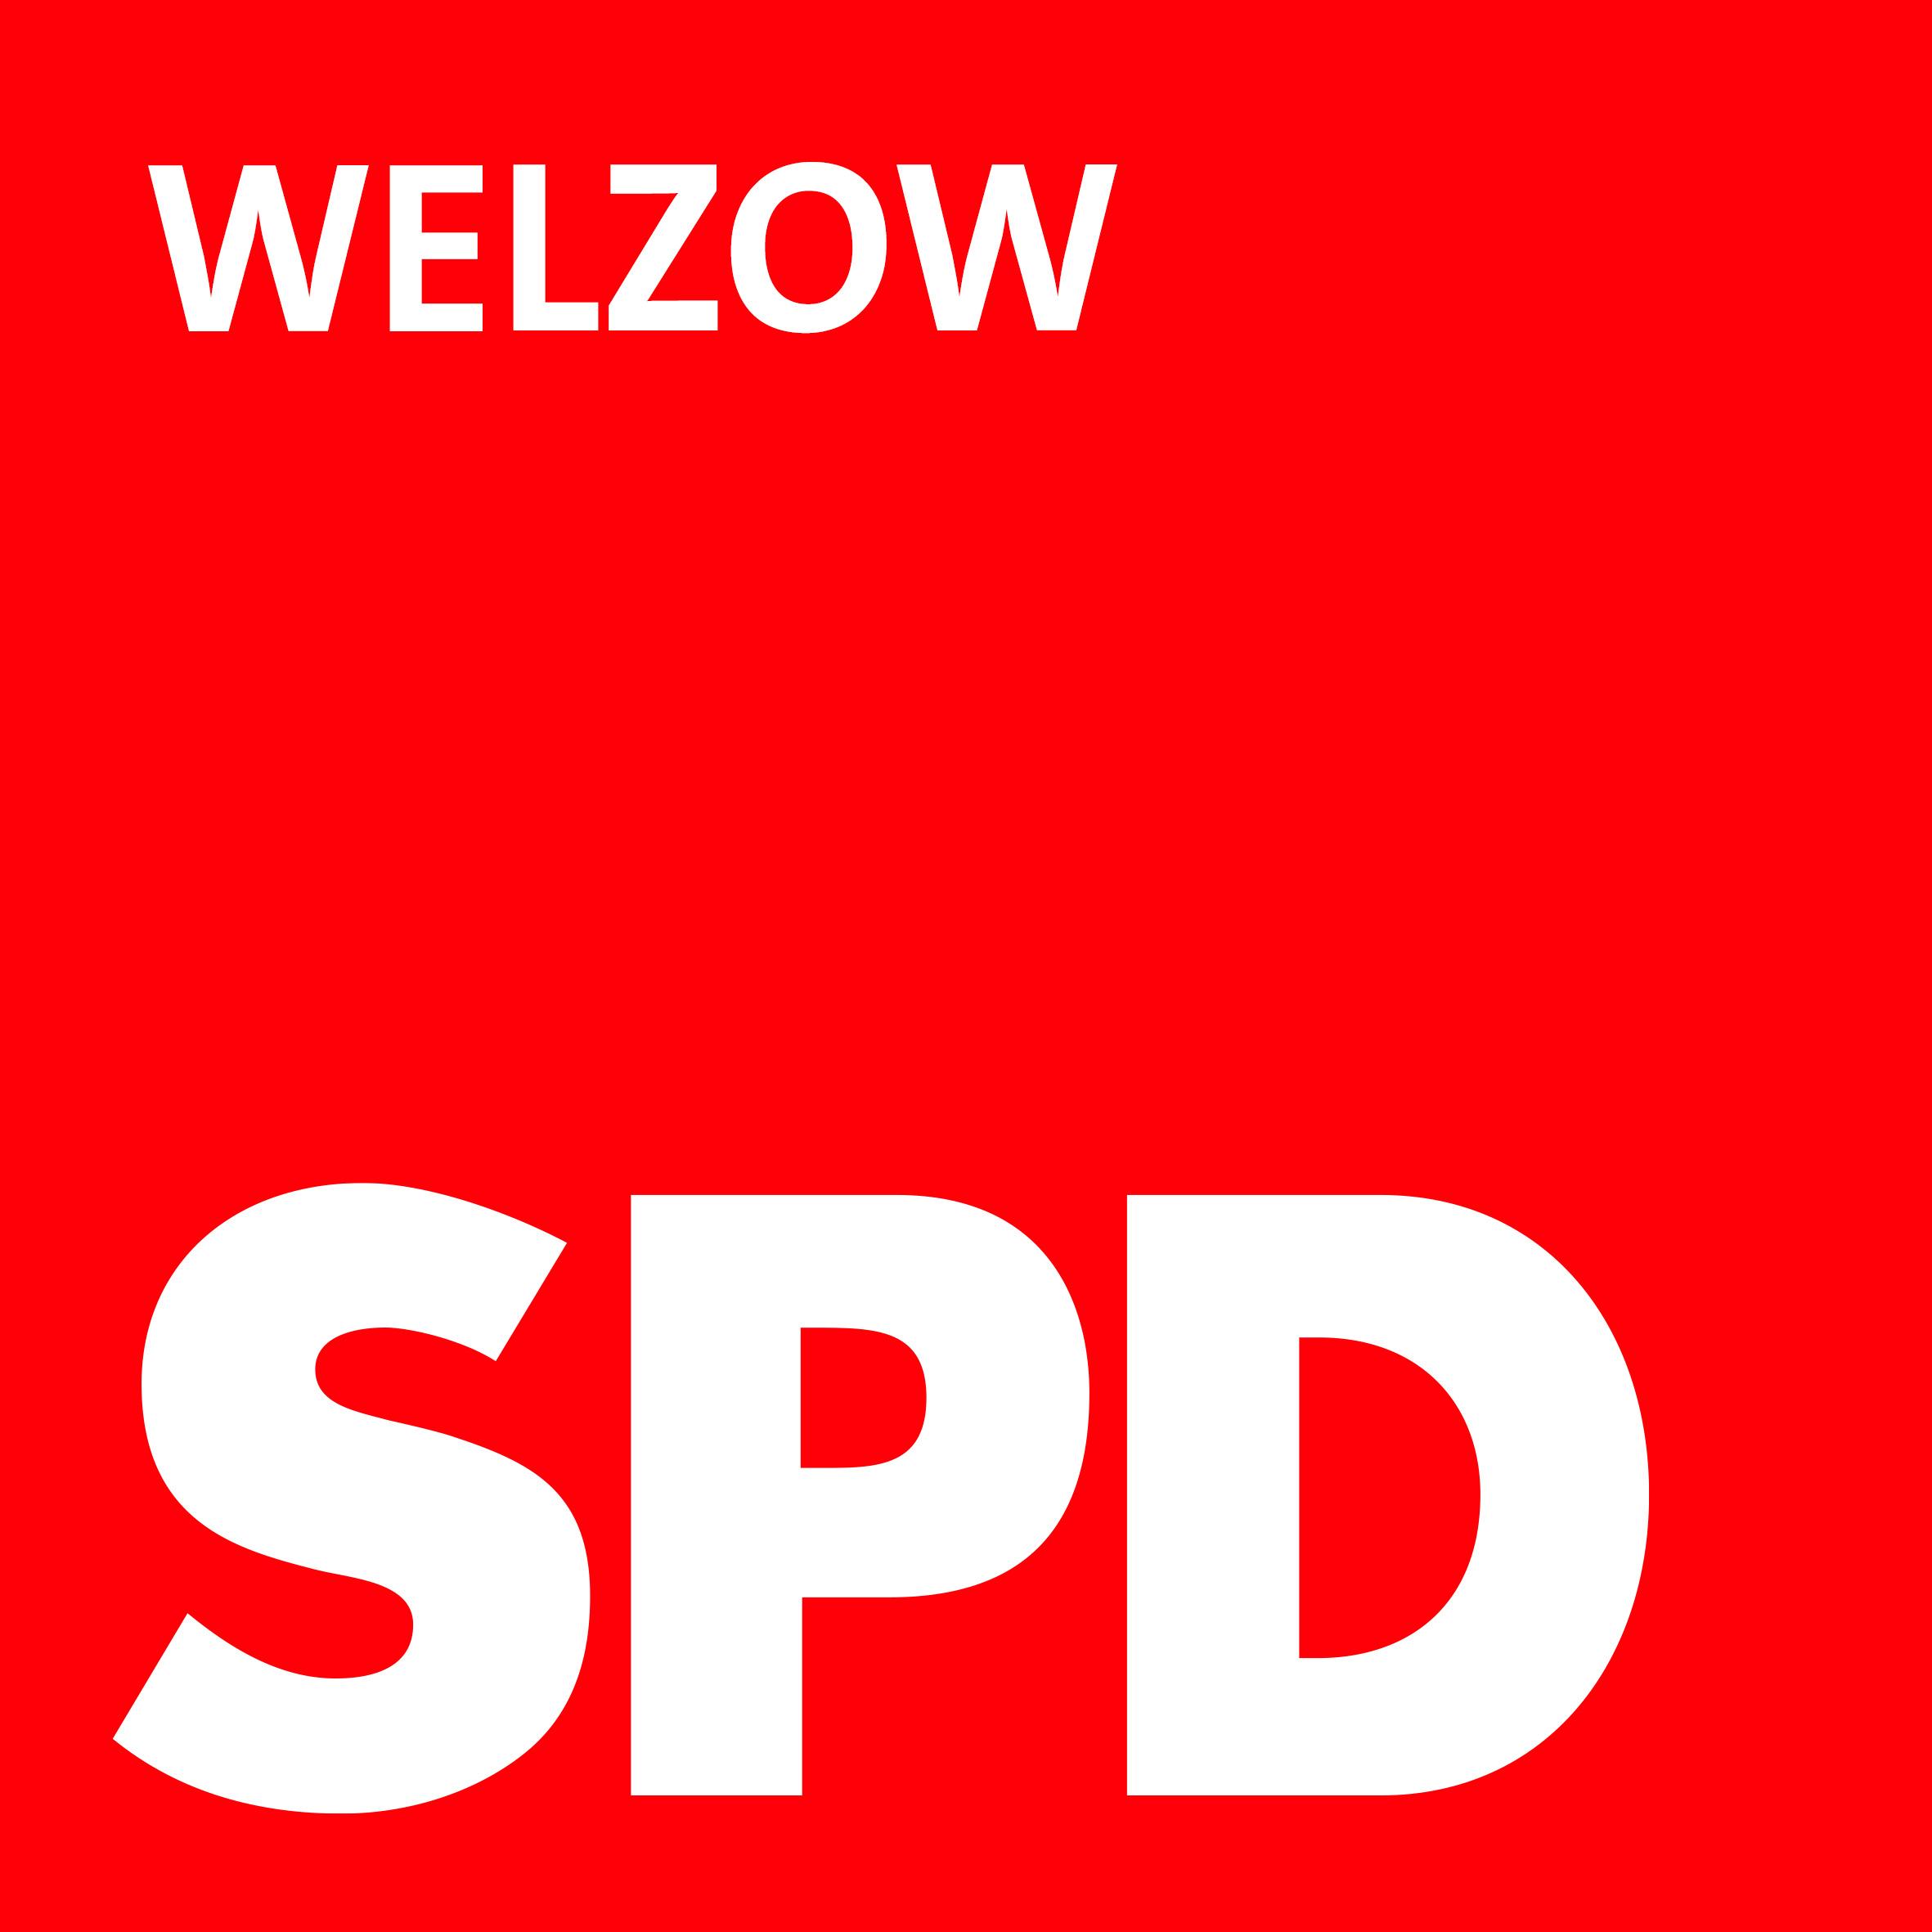 SPD Welzow